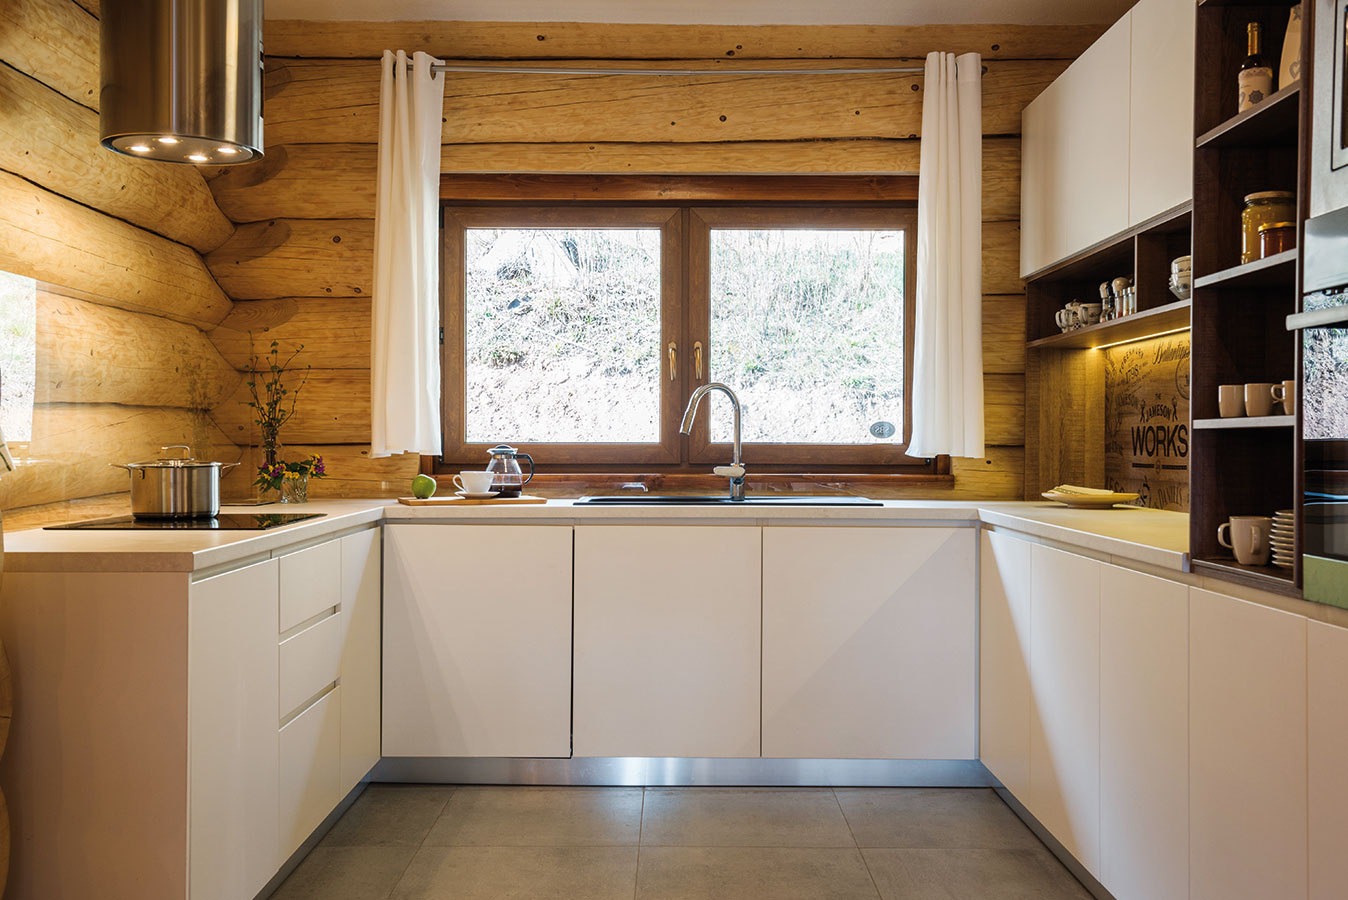 Sklenená zástena nenápadne chráni drevené trámy za linkou pred znečistením. Aj tento originálny prvok musel byť vyriešený ako konzola ukotvená klinke, tak, aby sklo nebolo zviazané so stenou.